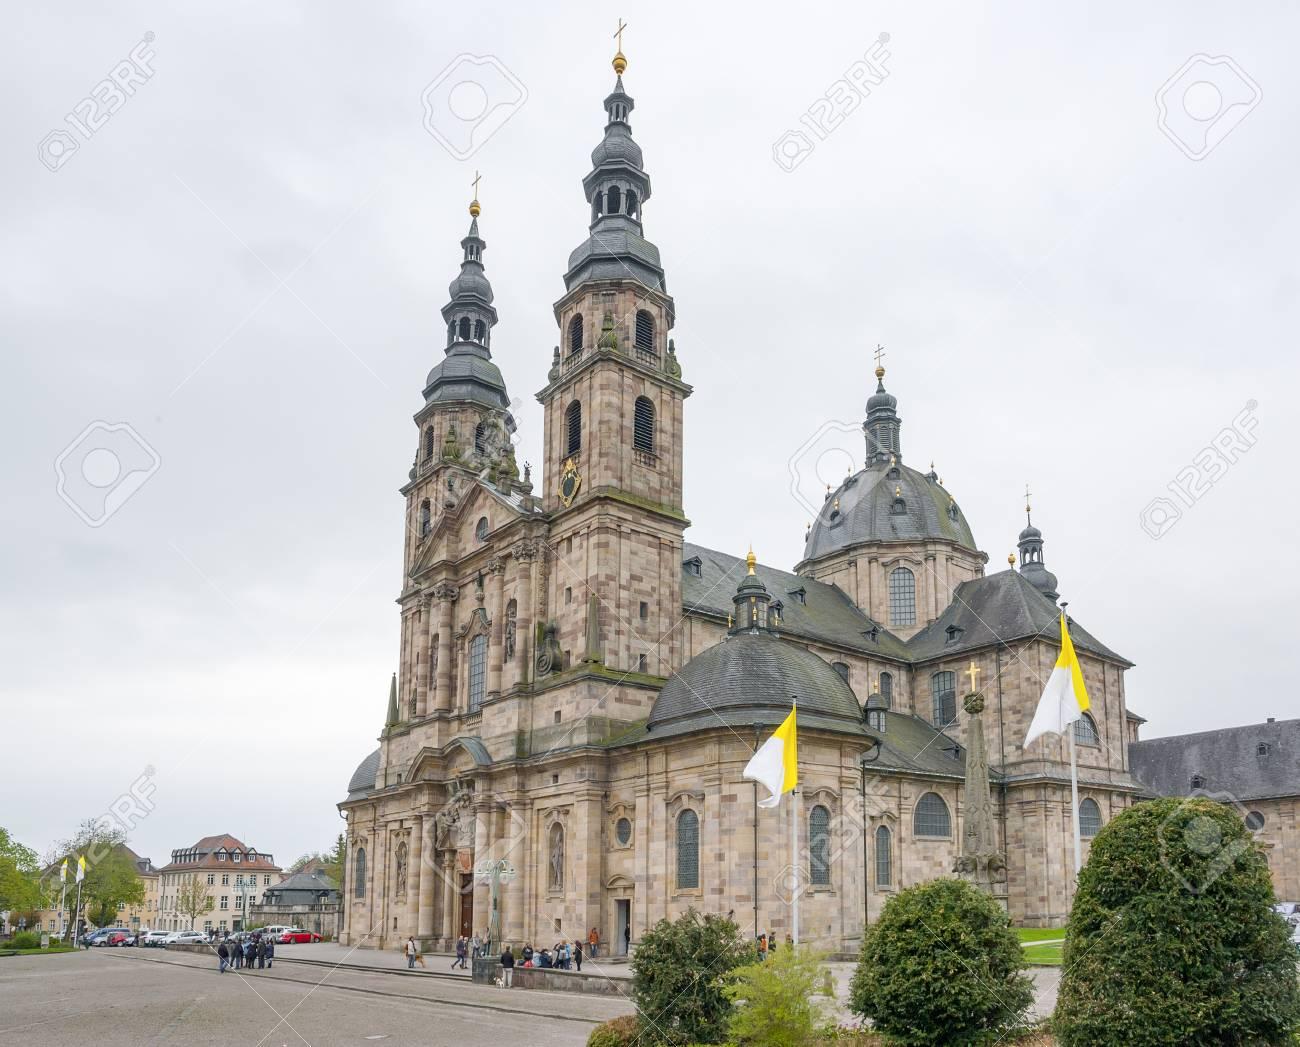 フルダ、ドイツ、ヘッセン州の都市でフルダ大聖堂 の写真素材・画像 ...